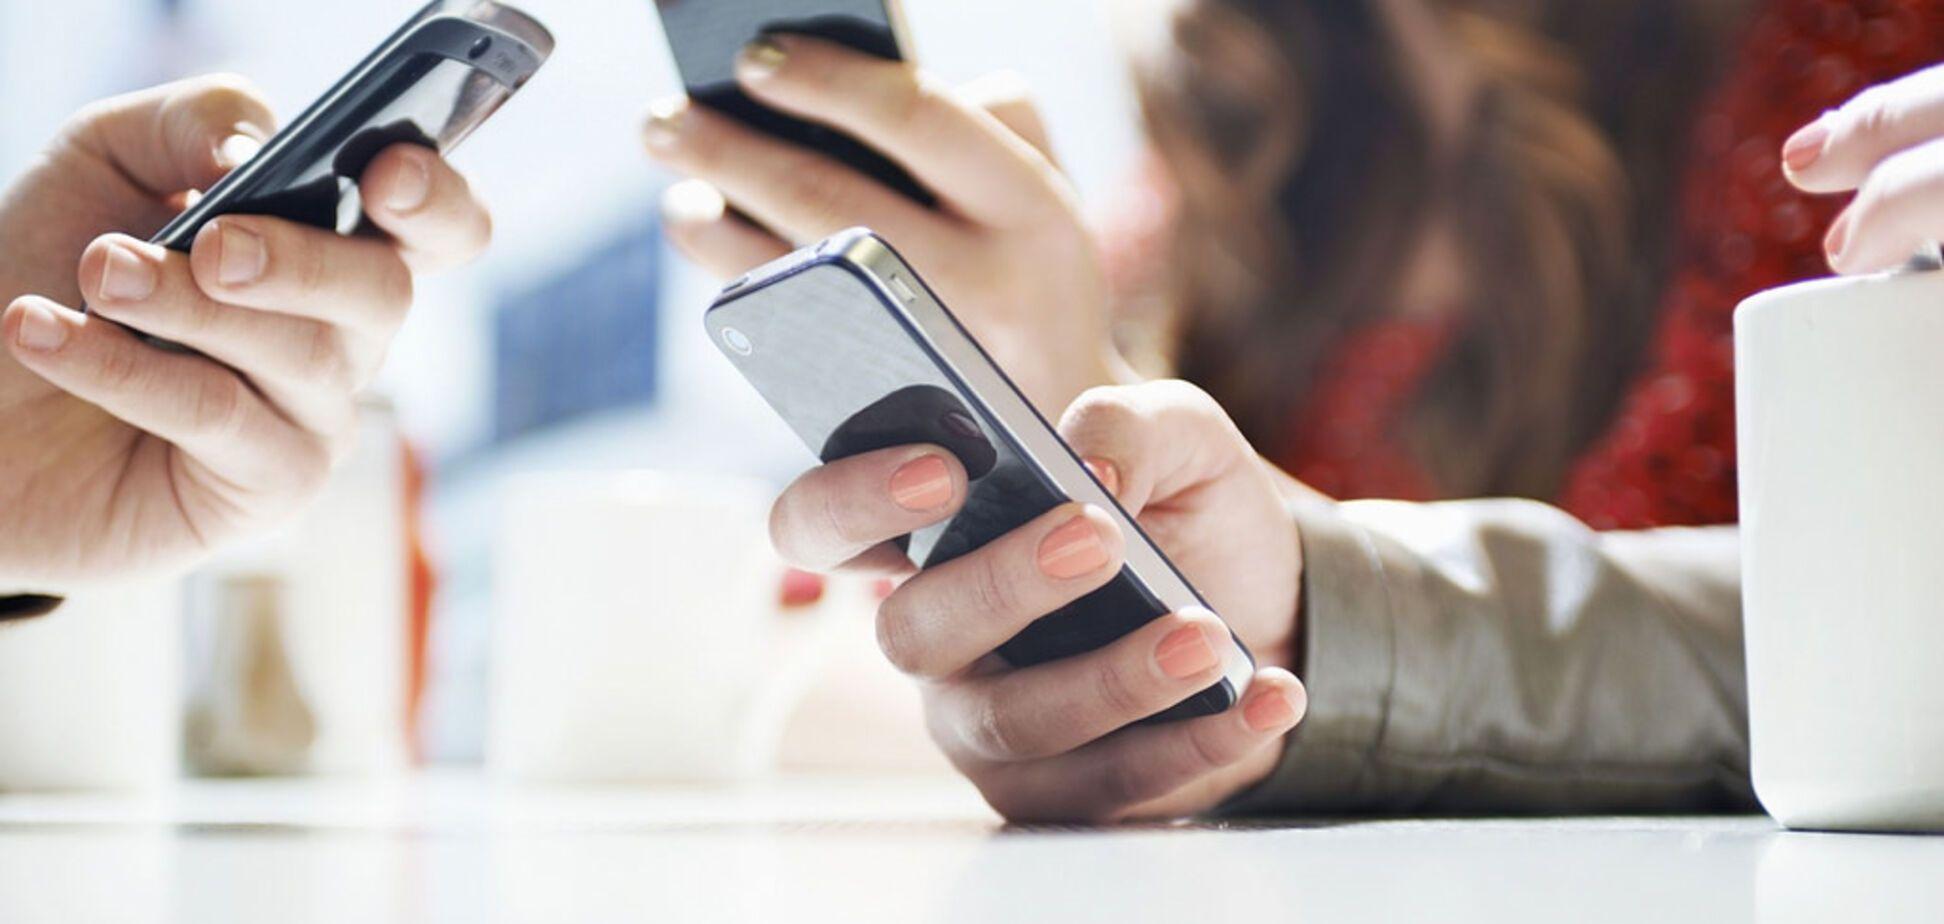 В Україні набуло чинності рішення по 4G: що це значить